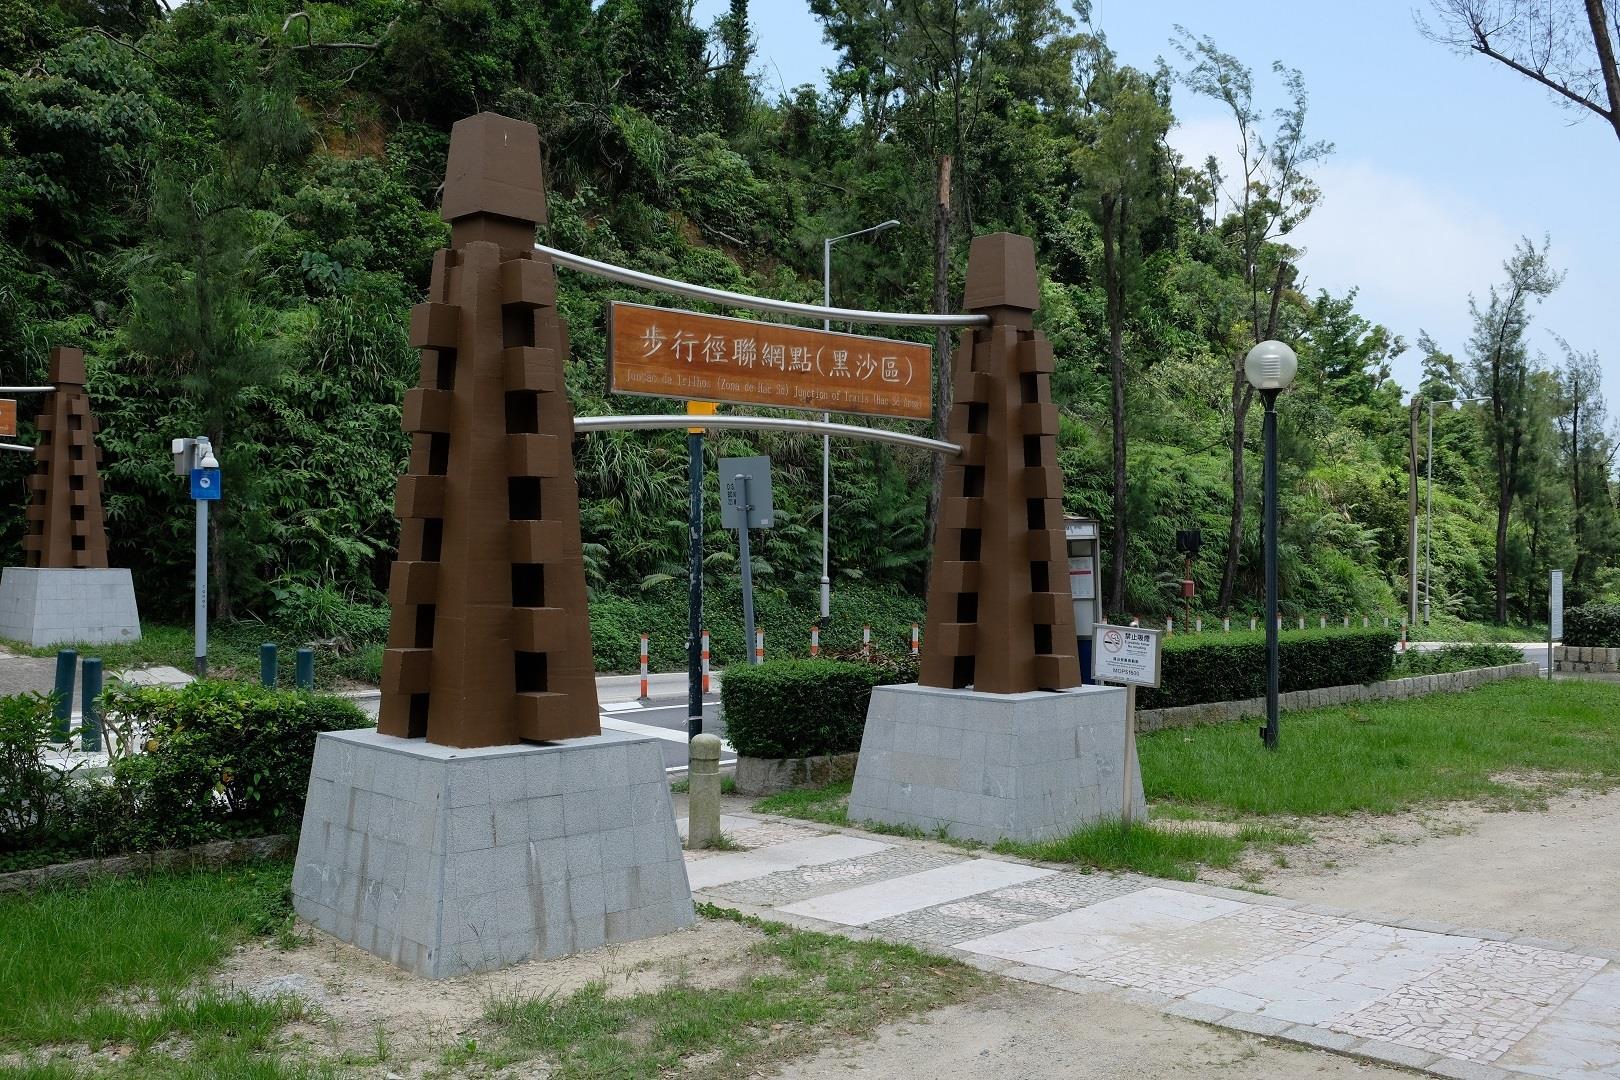 Coloane North-East Hiking Trail Network